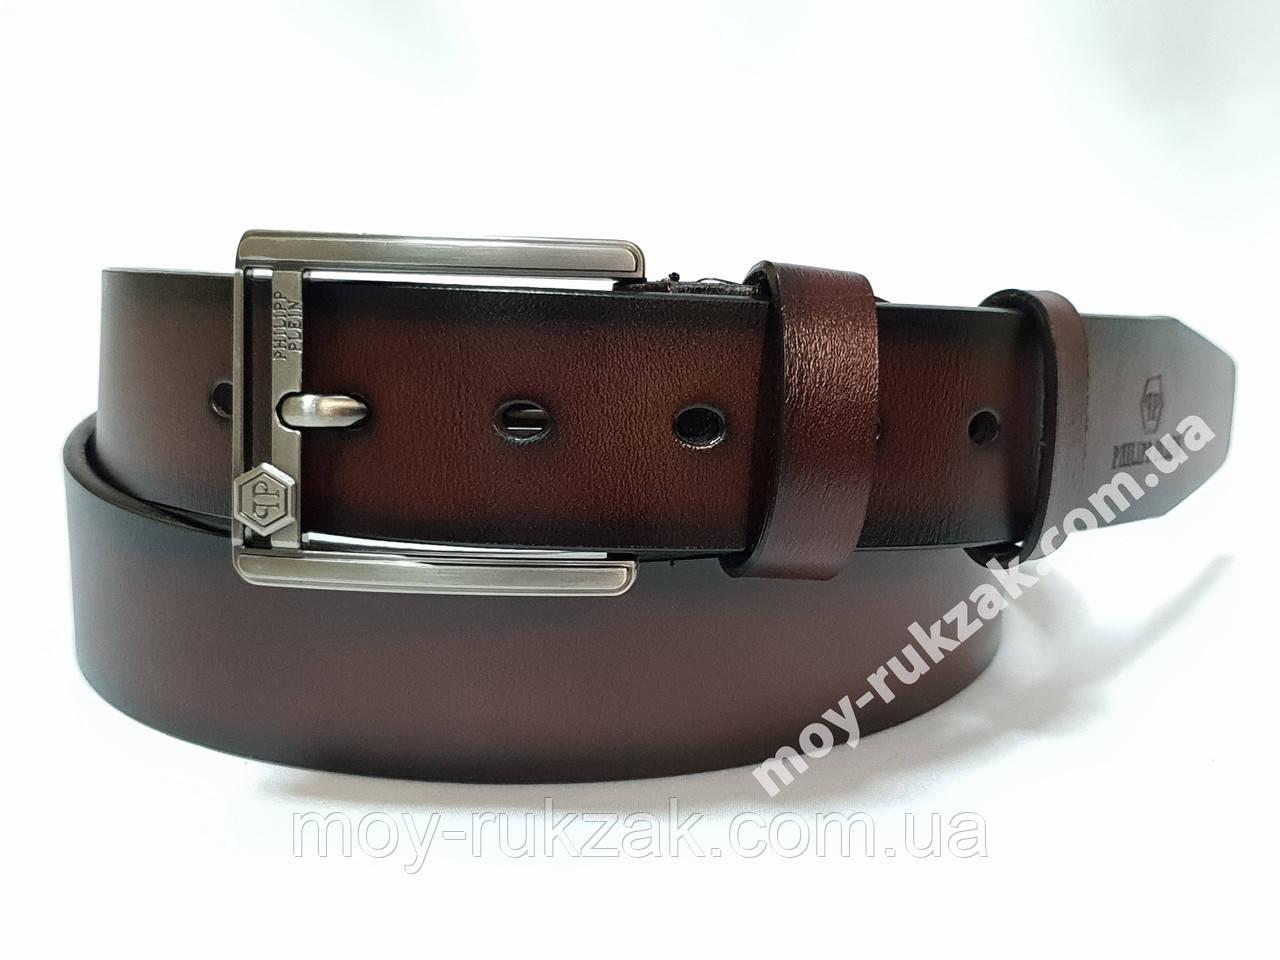 Ремень мужской кожаный Philipp Plein ширина 40 мм., реплика арт. 930628